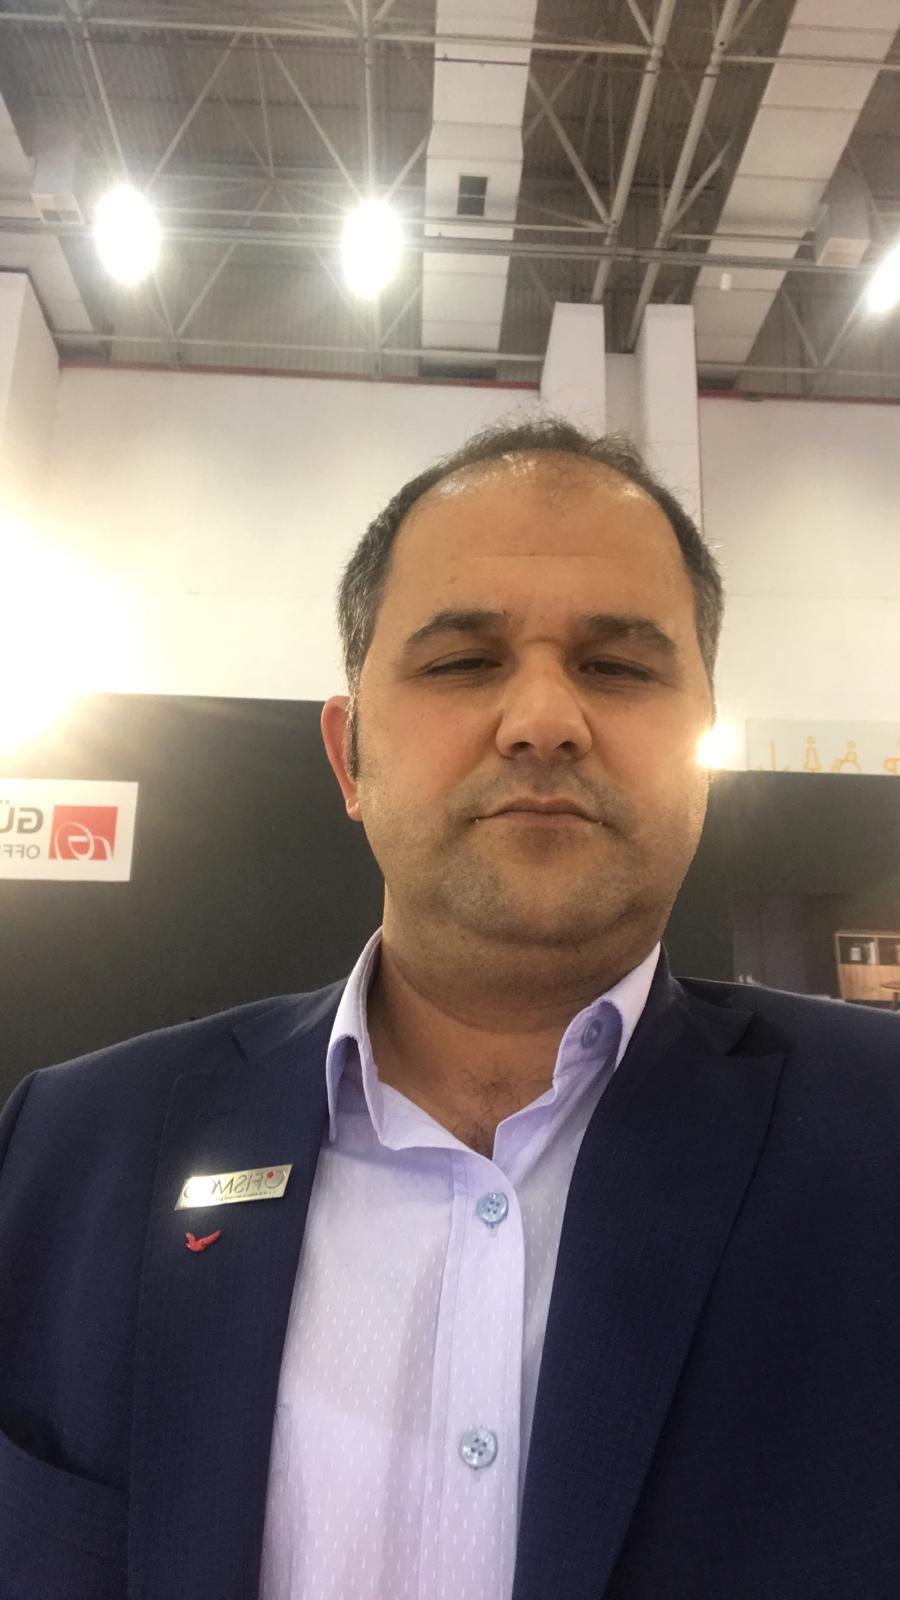 Soyer ve Kocaoğlu katılmıyor,OFİSMOD Genel Başkanı Gökhan Hepkafadar açıklama